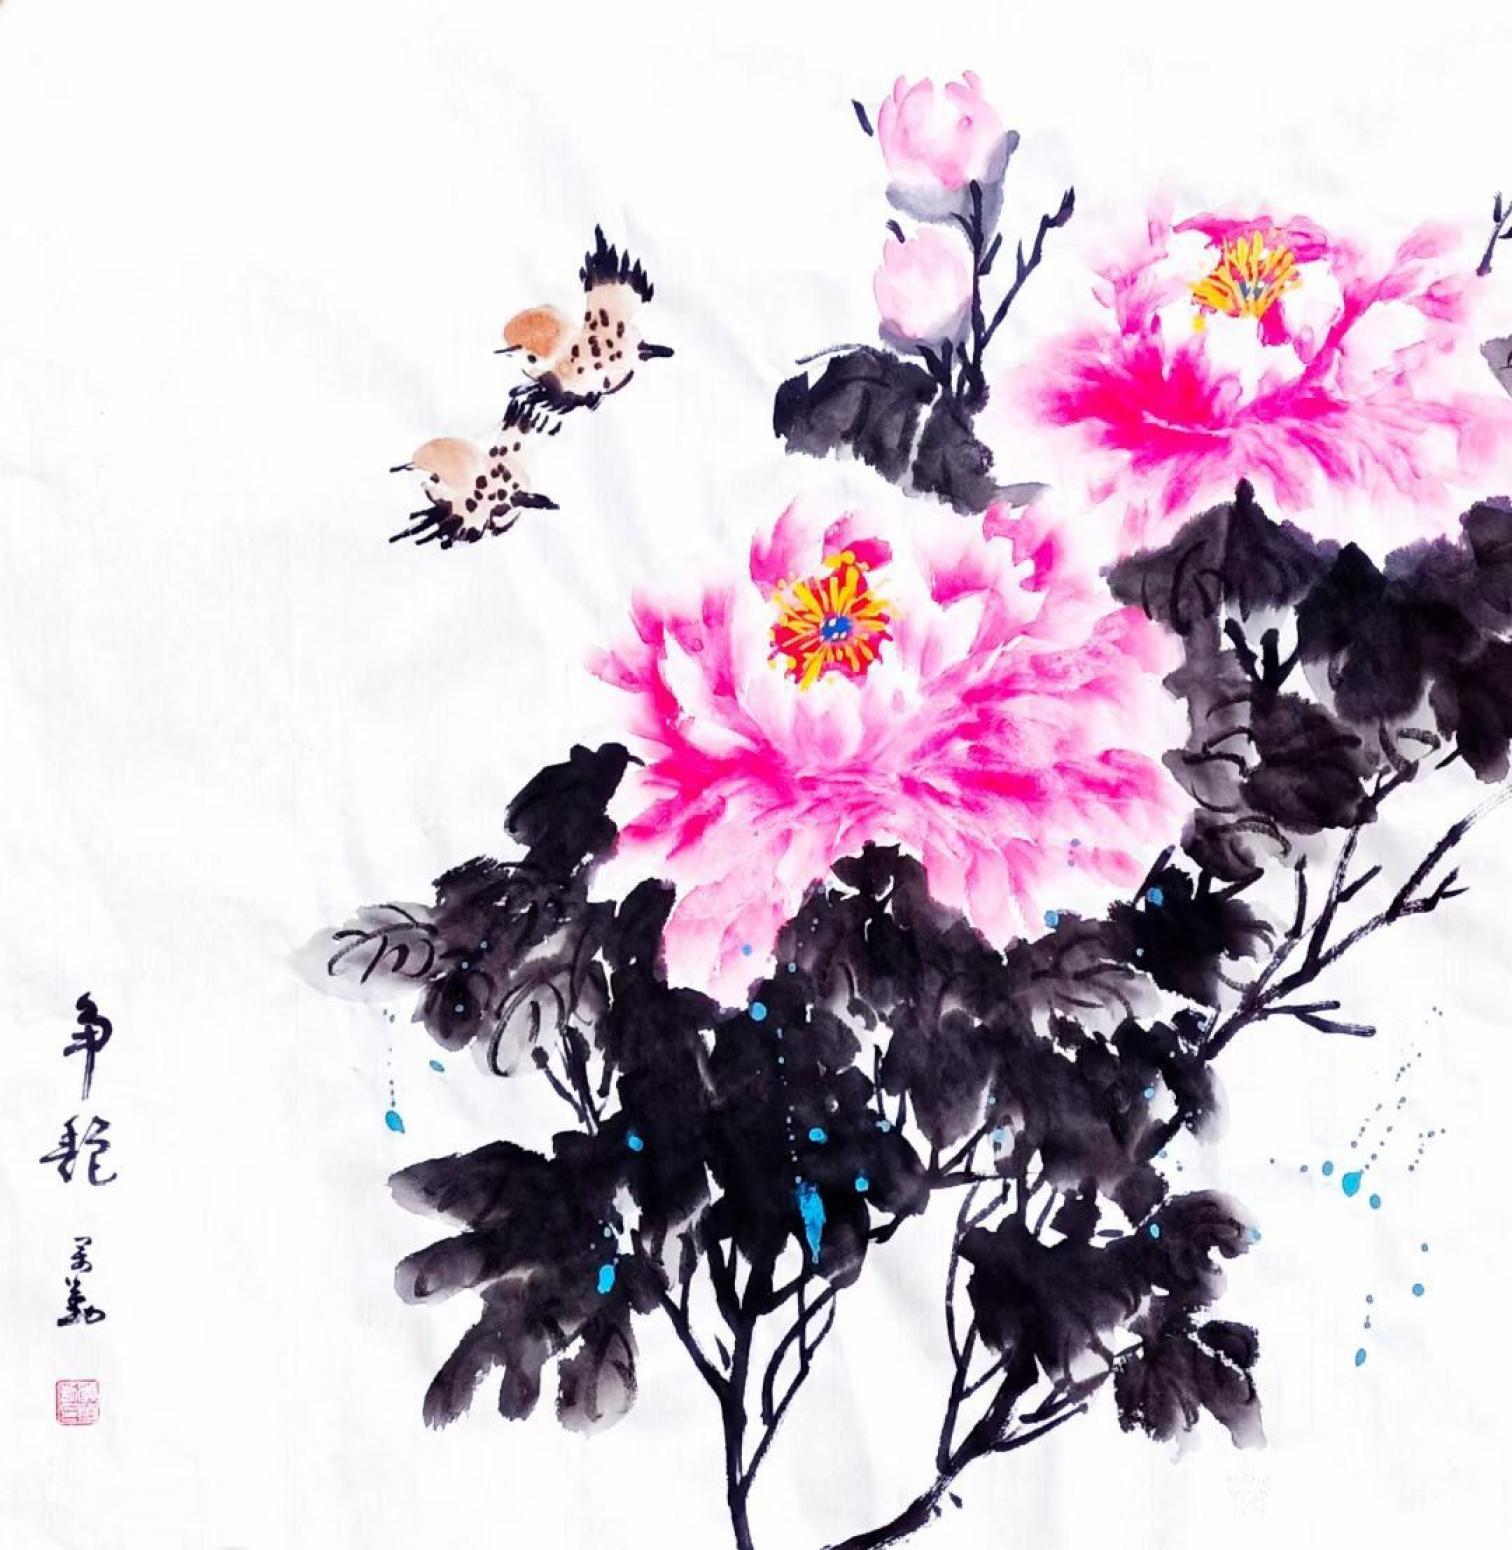 李万勤国画作品《花鸟牡丹-争艳》【图0】